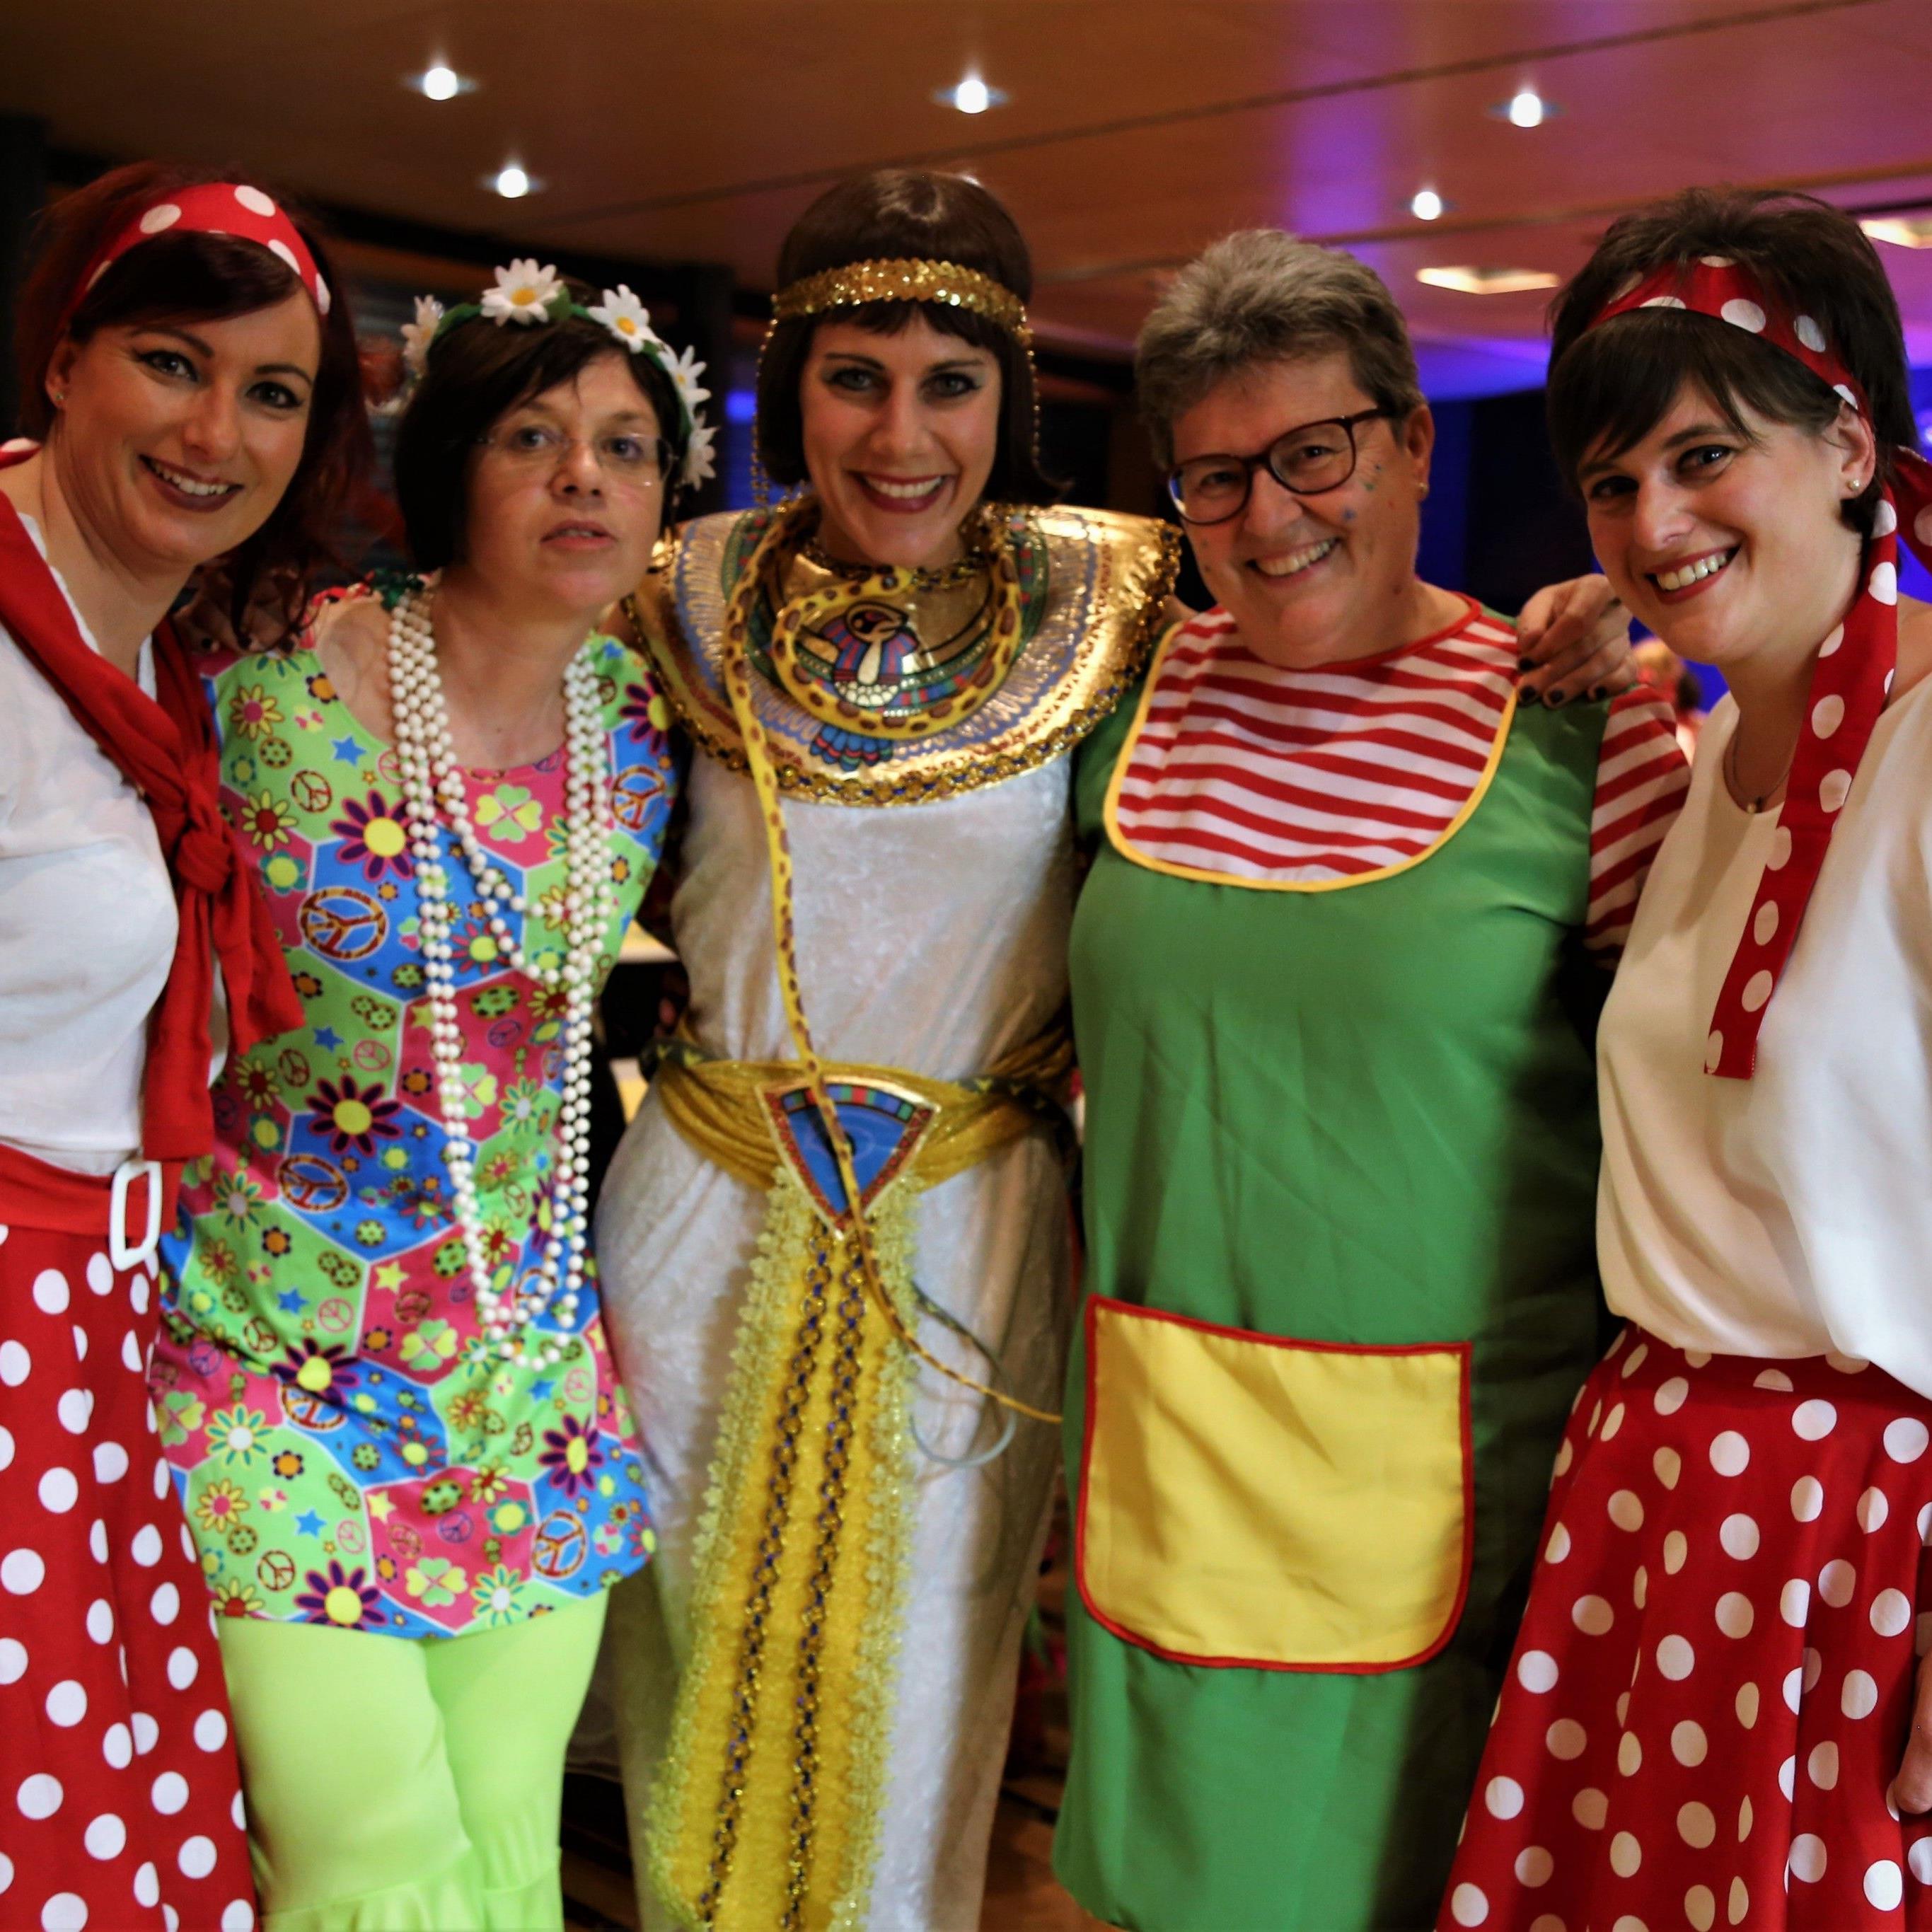 Frauenpower (v. l.): Manuela Zelzer (Obfrau Elternverein), Ortsvorsteherin Gabriele Graf, VS-Direktorin Susanne Speckle, Ruth Aberer (Obfrau Frauenbund) und Andrea Zelzer (Obfrau SV Tisis).